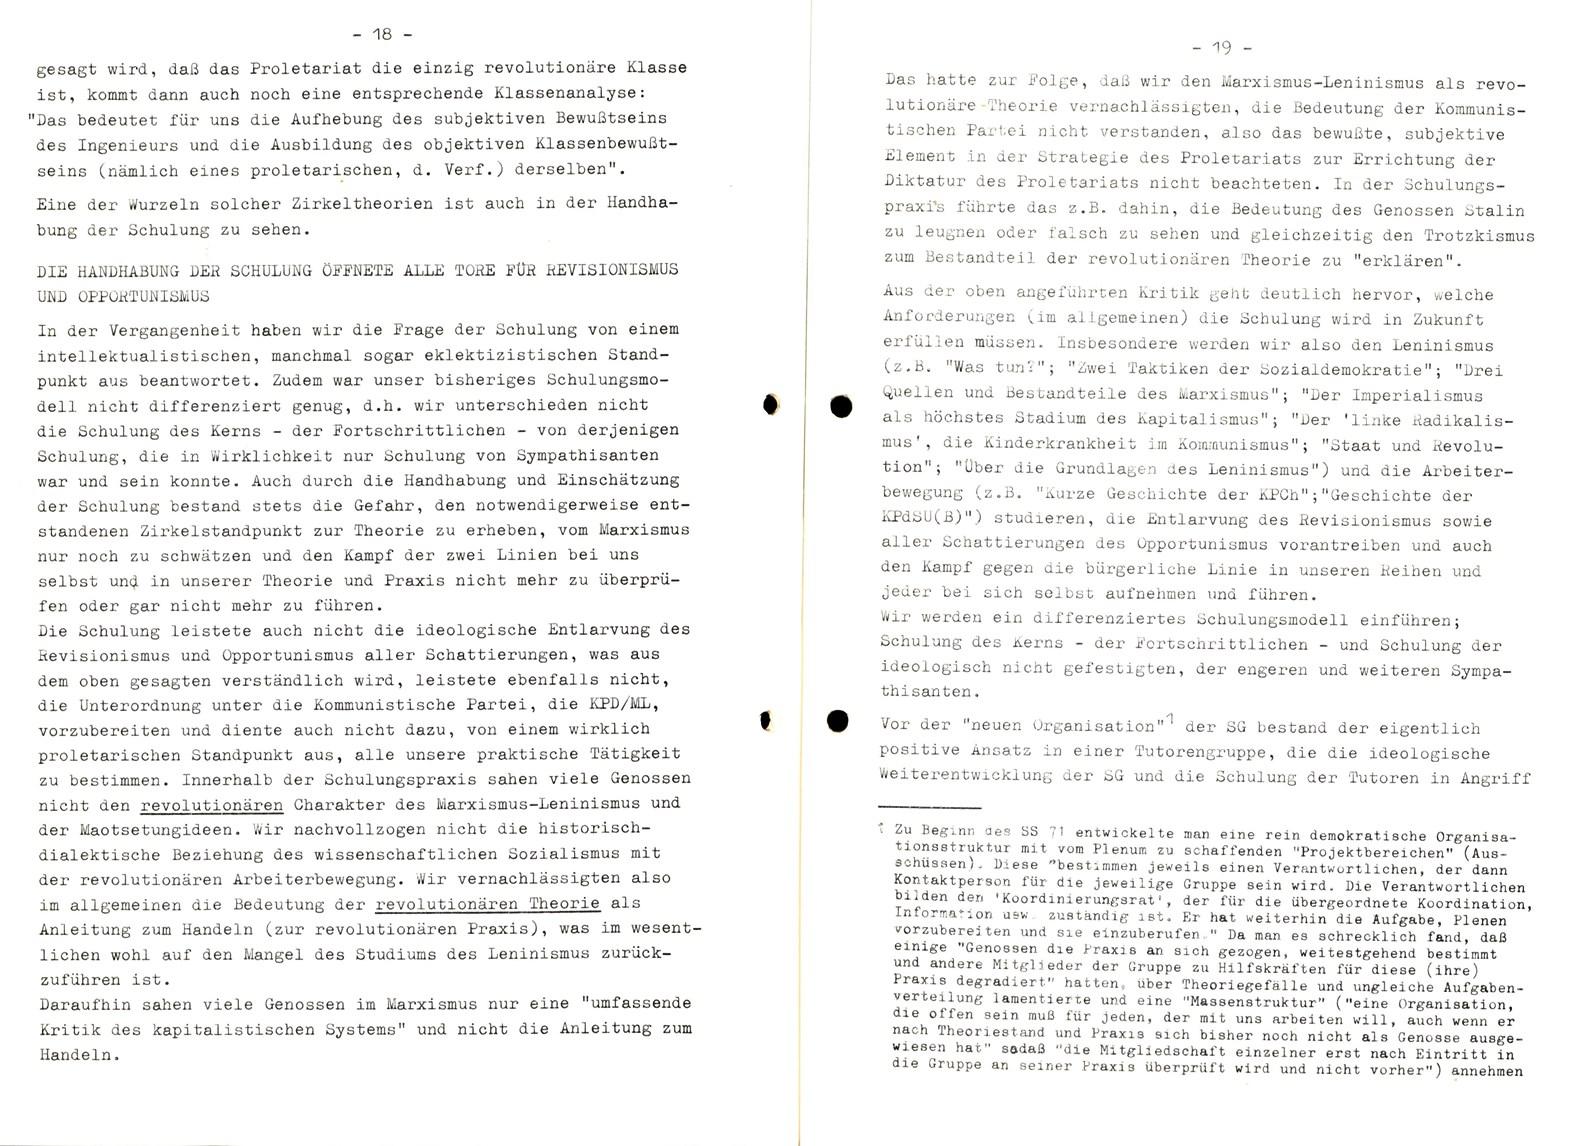 Aachen_KSBML_1971_Selbstkritik_11